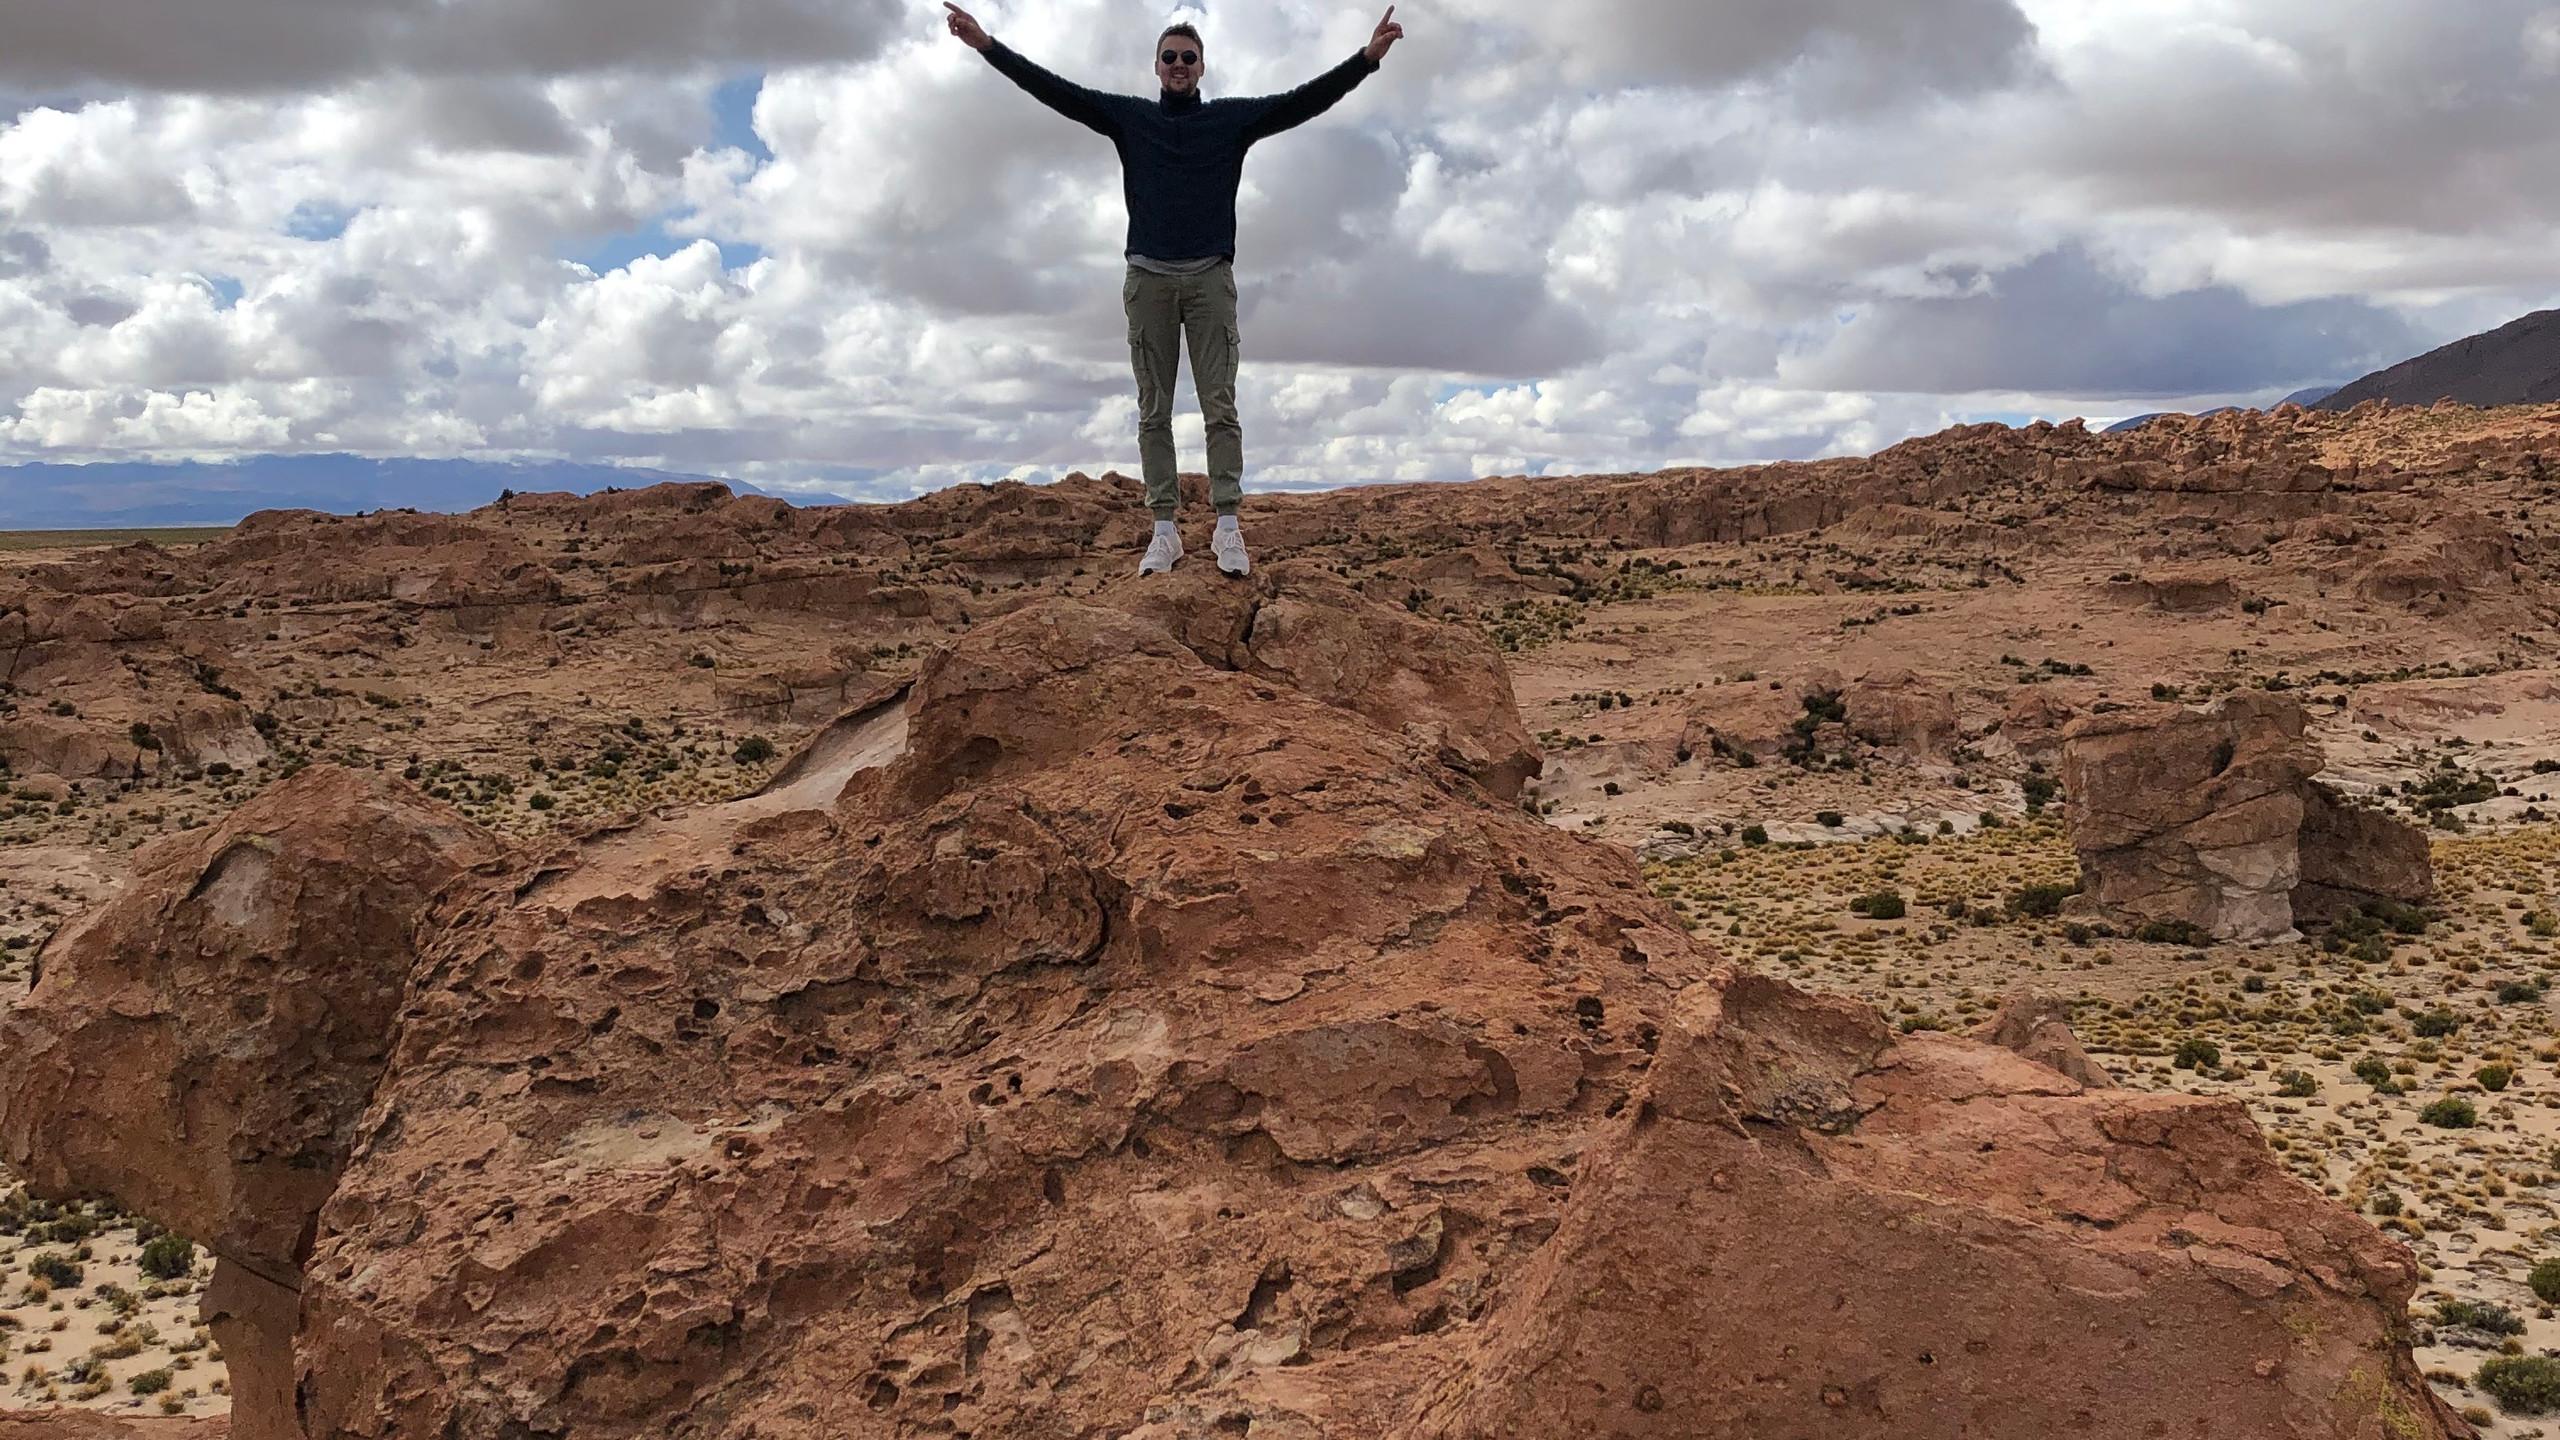 Wüsten Landschaft auf 4200 Metern